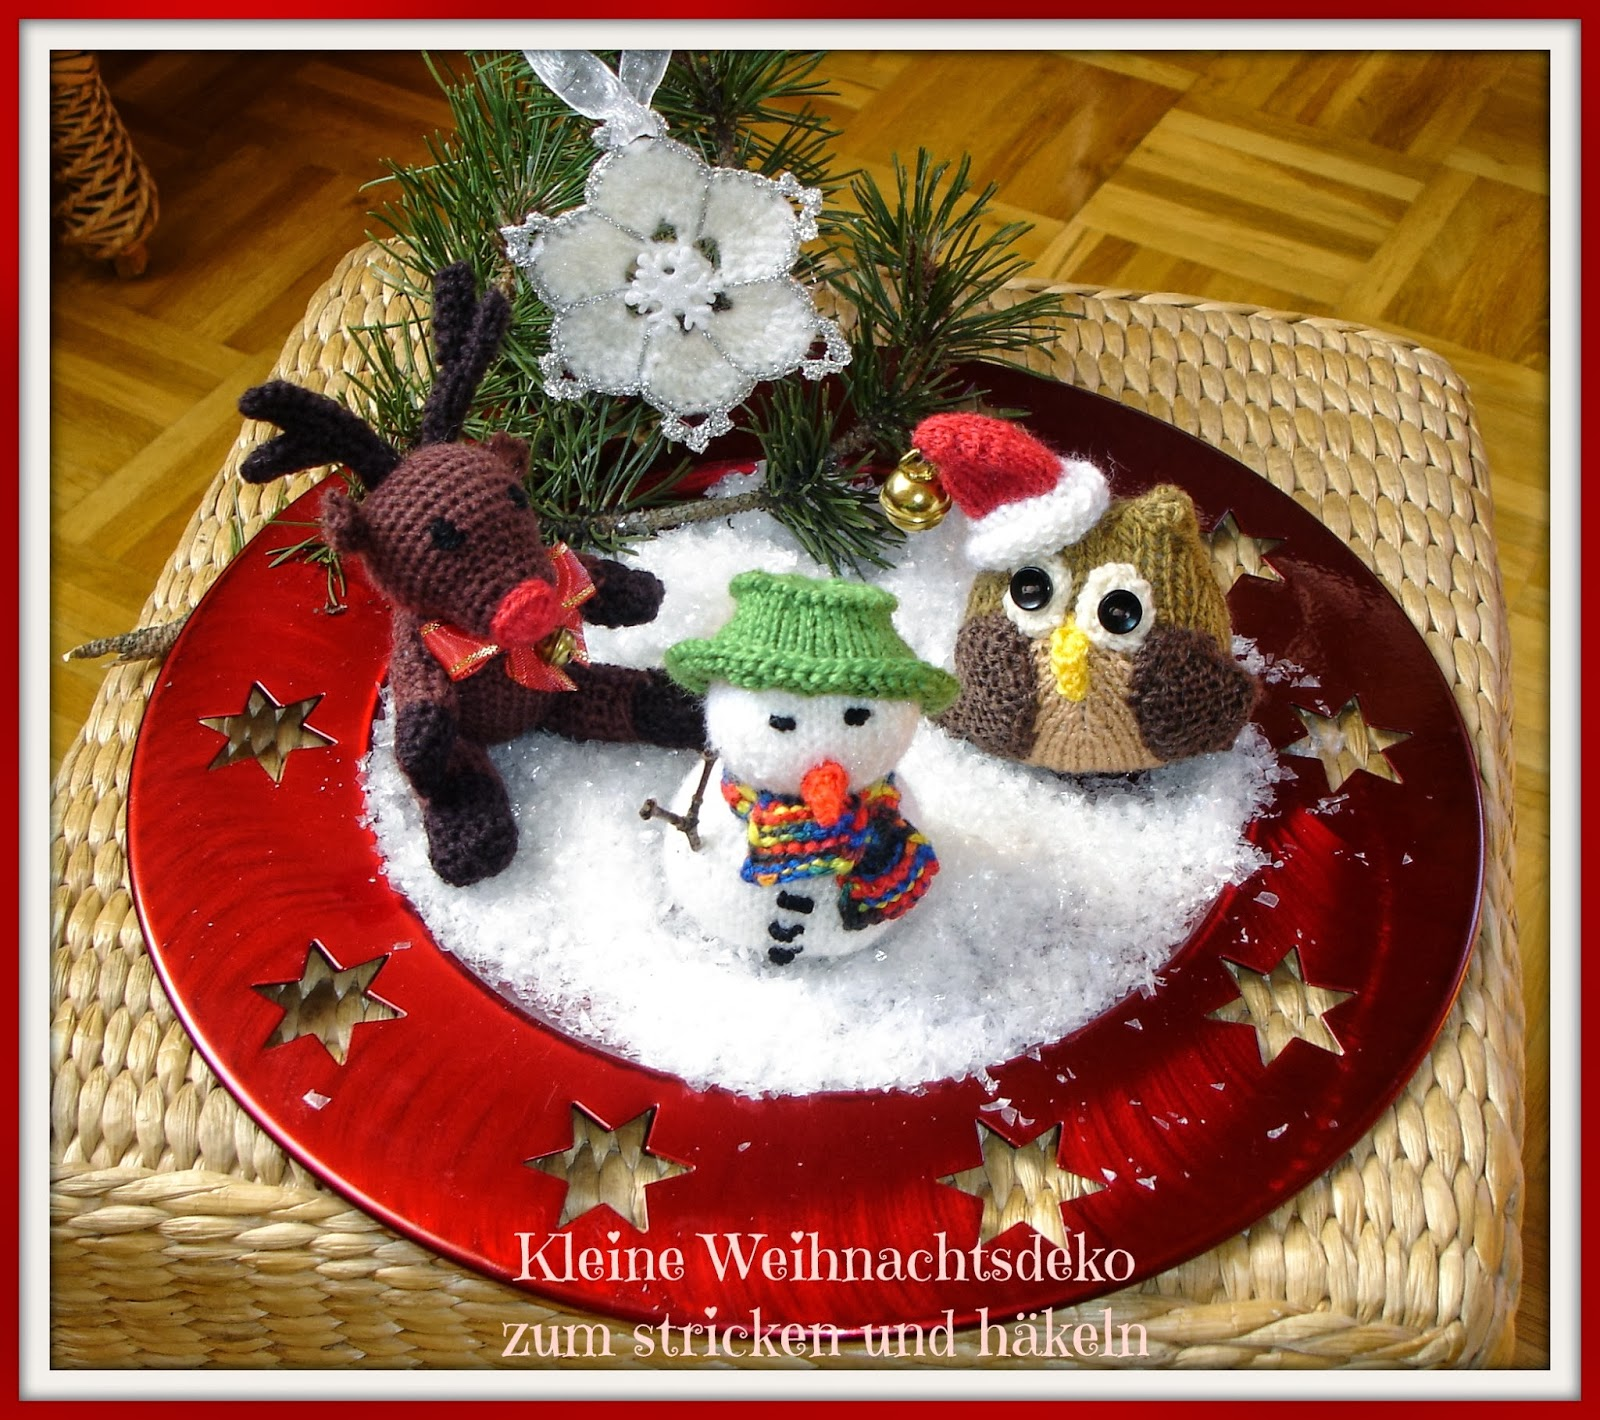 Kleine weihnachtsdeko zum stricken und h keln my blog - Amazon weihnachtsdeko ...